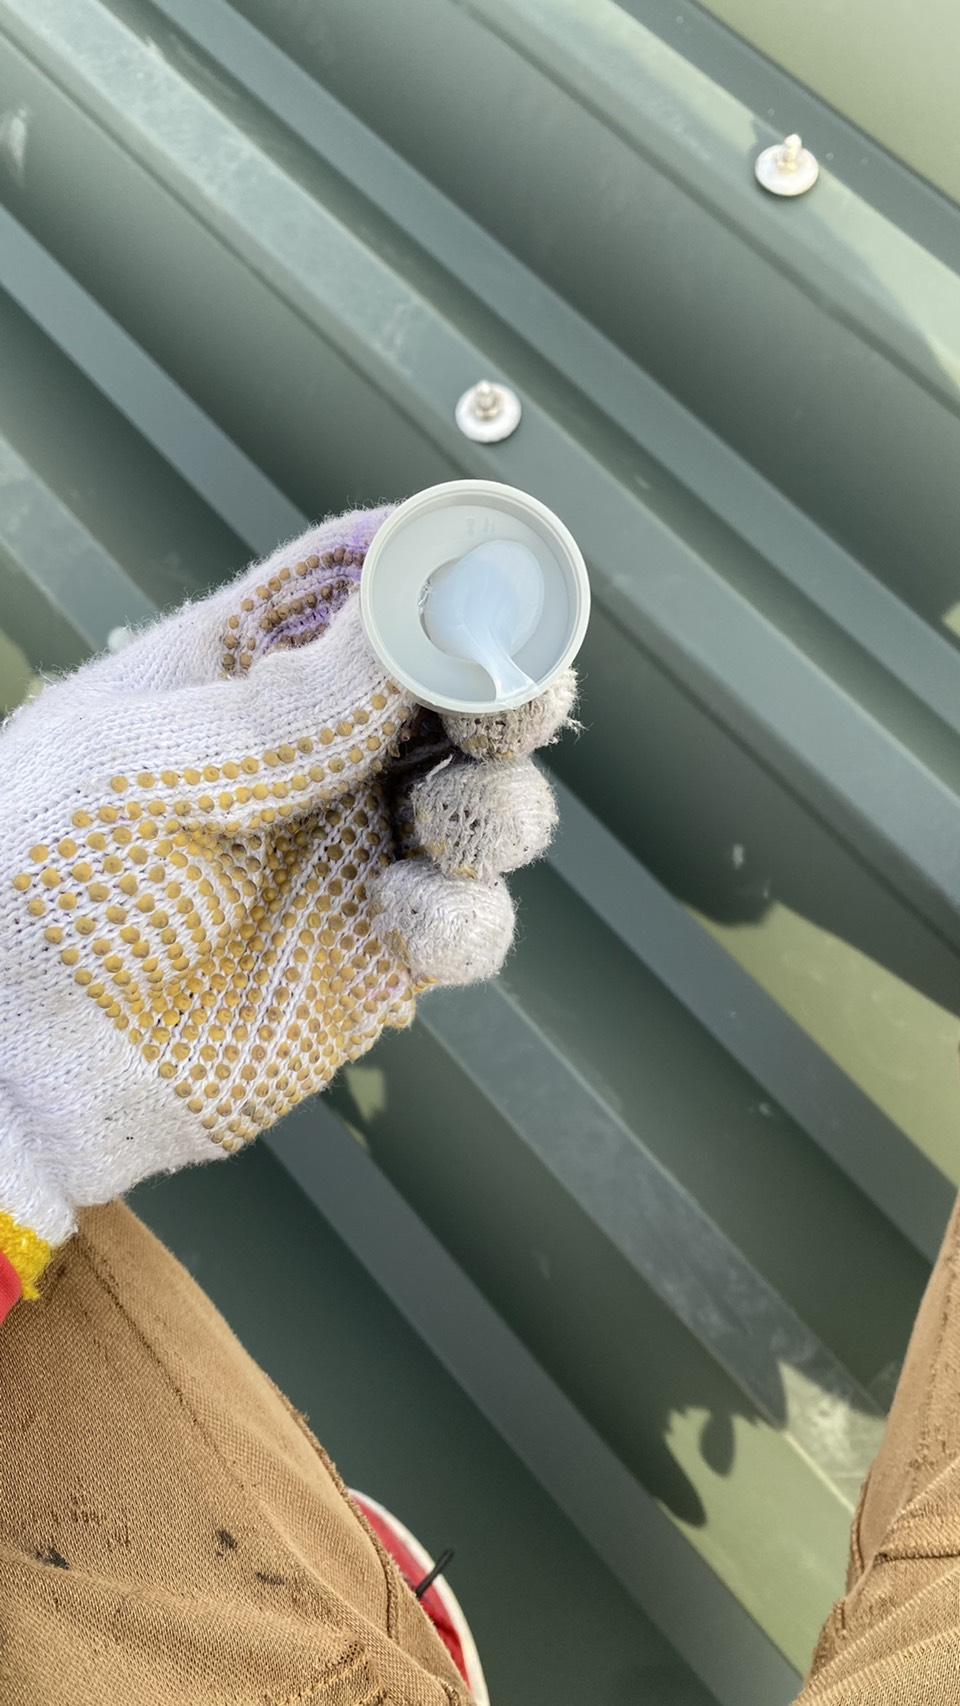 明石市での屋根工事でボルトにキャップを取り付けている様子